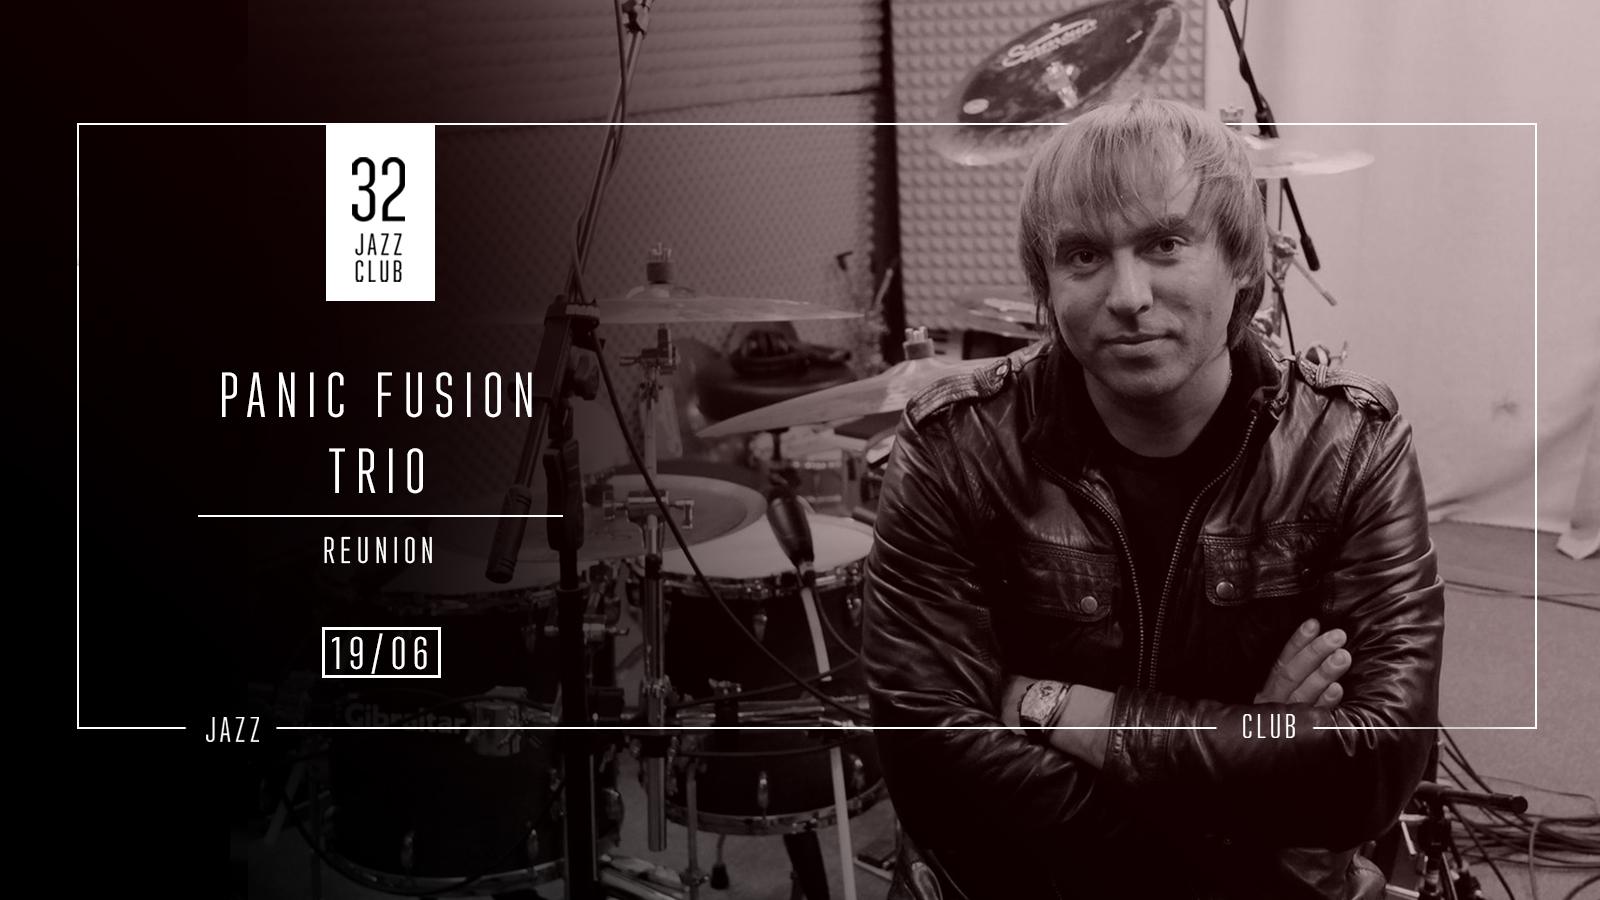 Panic Fusion Trio - Reunion